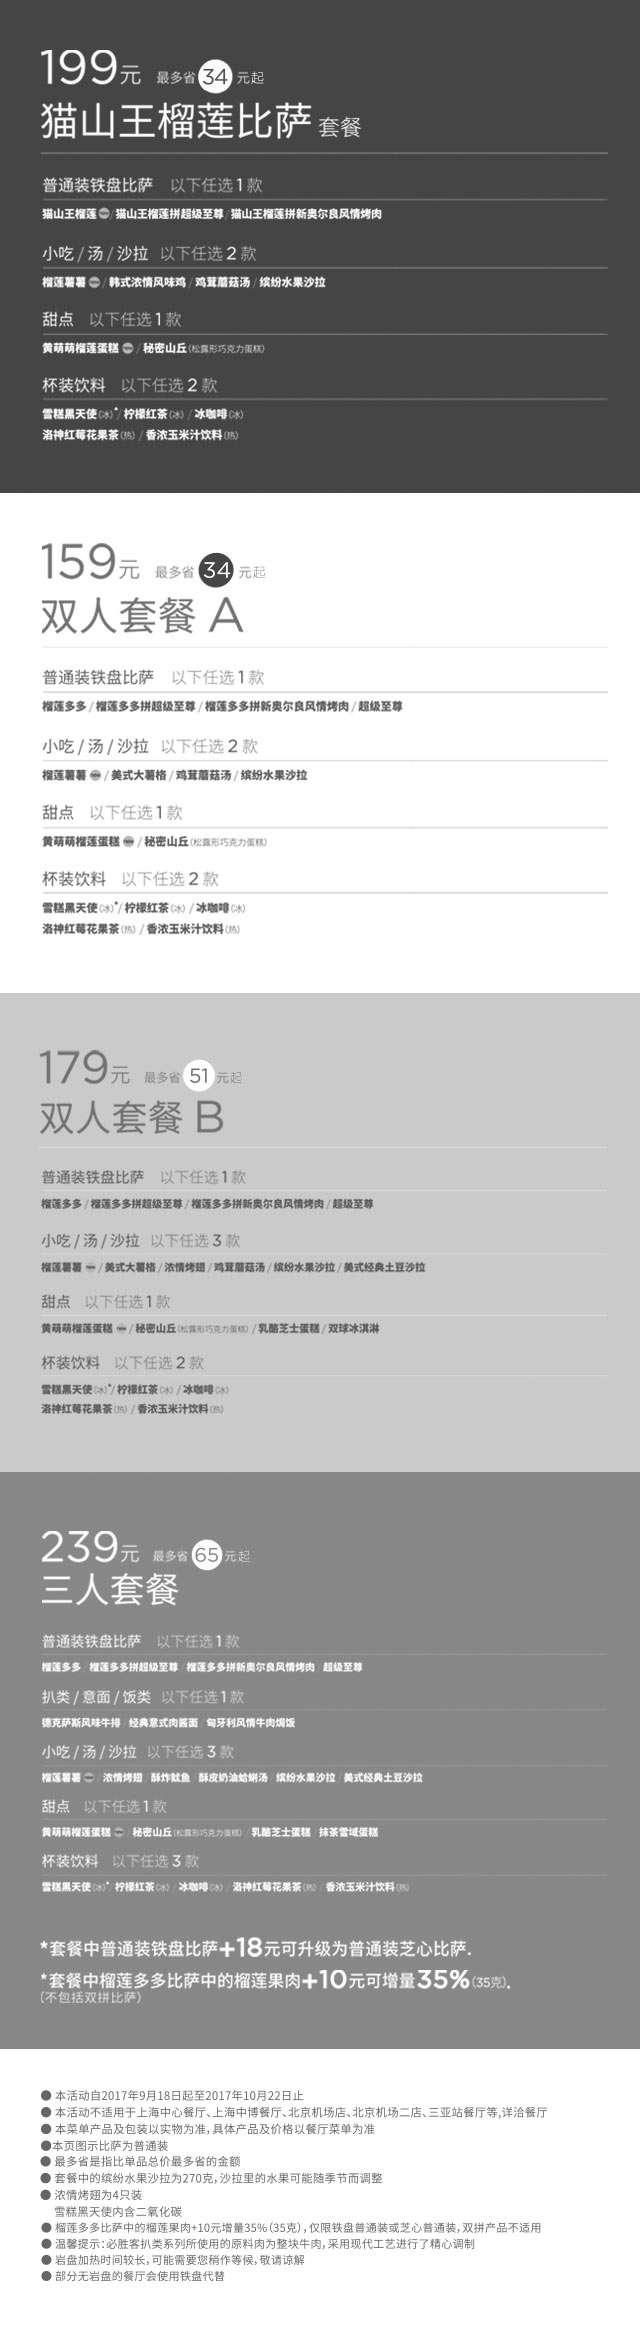 黑白优惠券图片:必胜客猫山王榴莲比萨套餐199元起,双人套餐159元起,三人套餐239元 - www.5ikfc.com